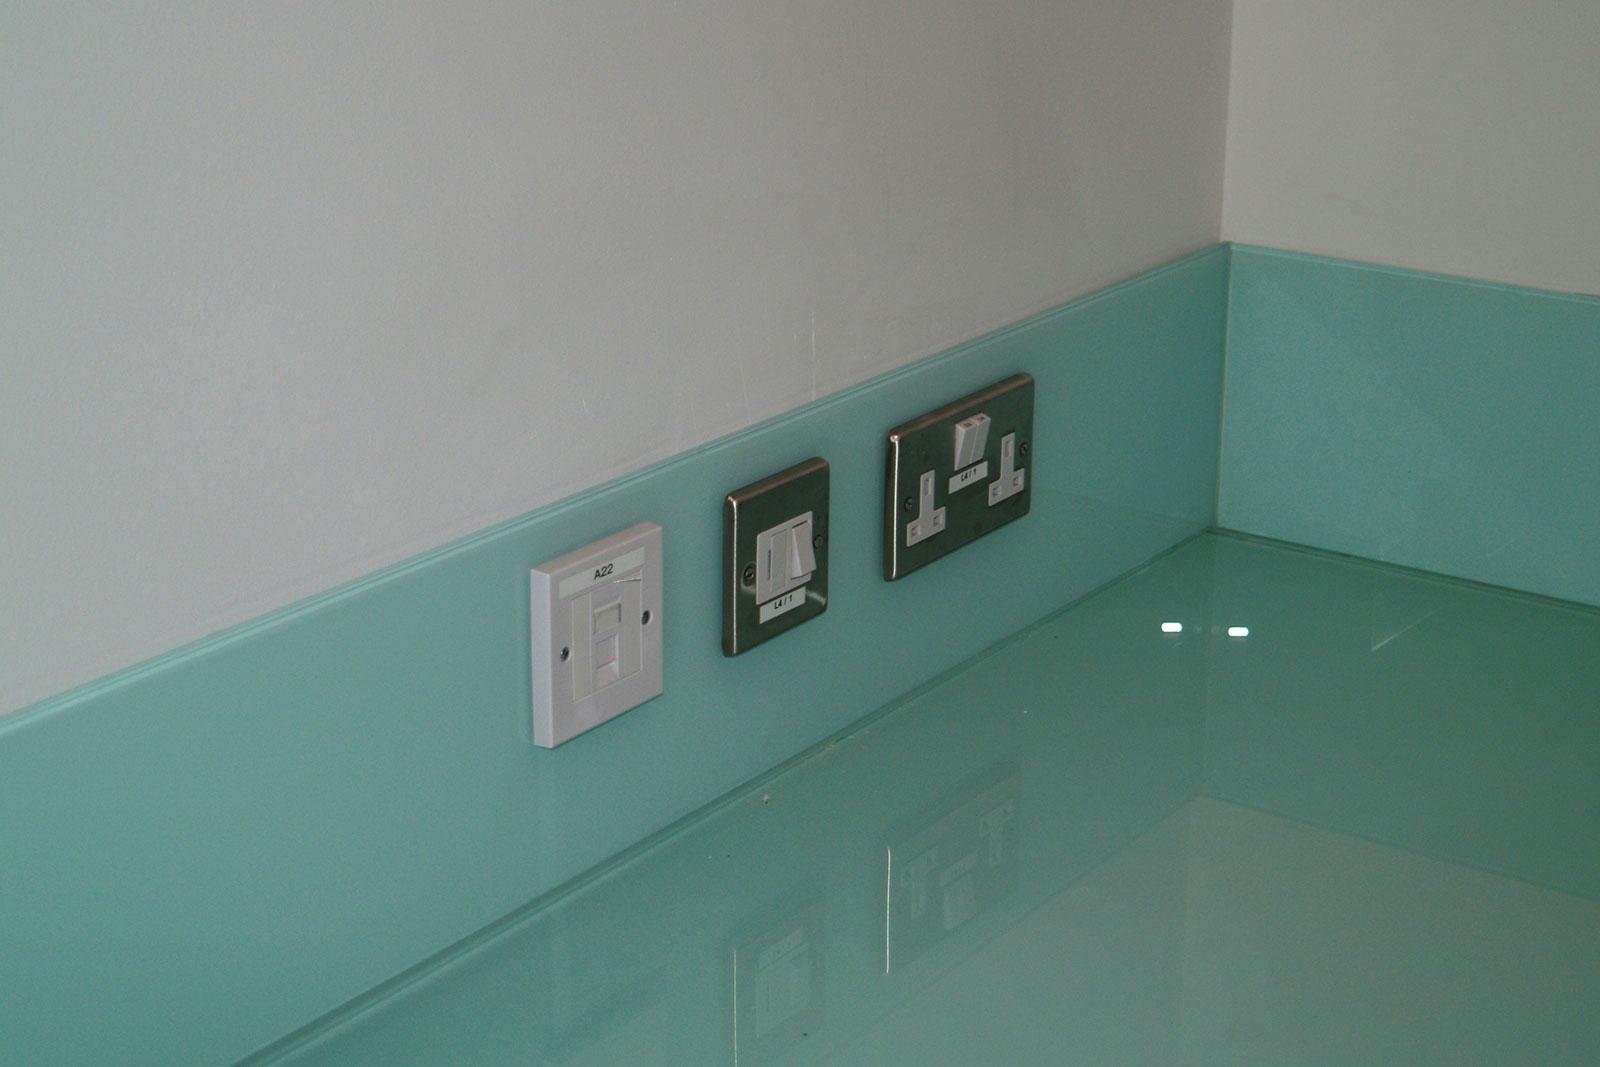 Bespoke Glass Splashbacks with Socket Cutouts